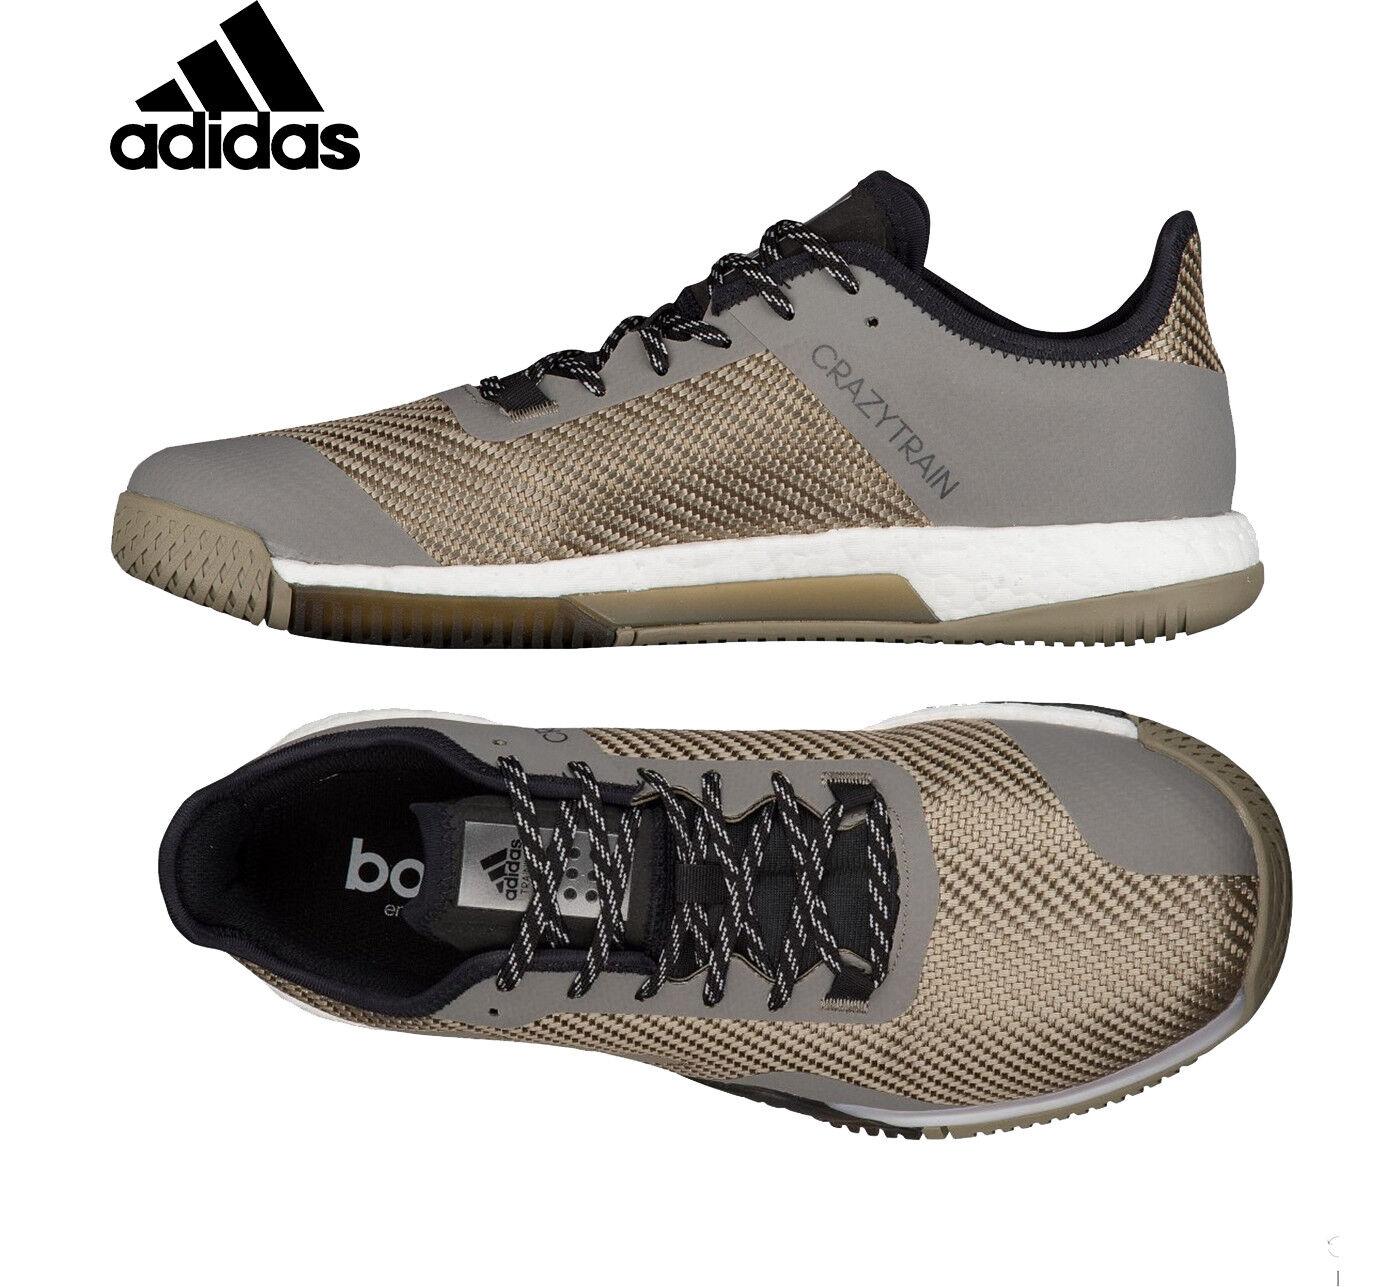 new arrivals 054bc 2e8a3 Uomo adidas crazytrain elite sociale scarpe scarpe sociale nuove scarpe da  ginnastica verde nero